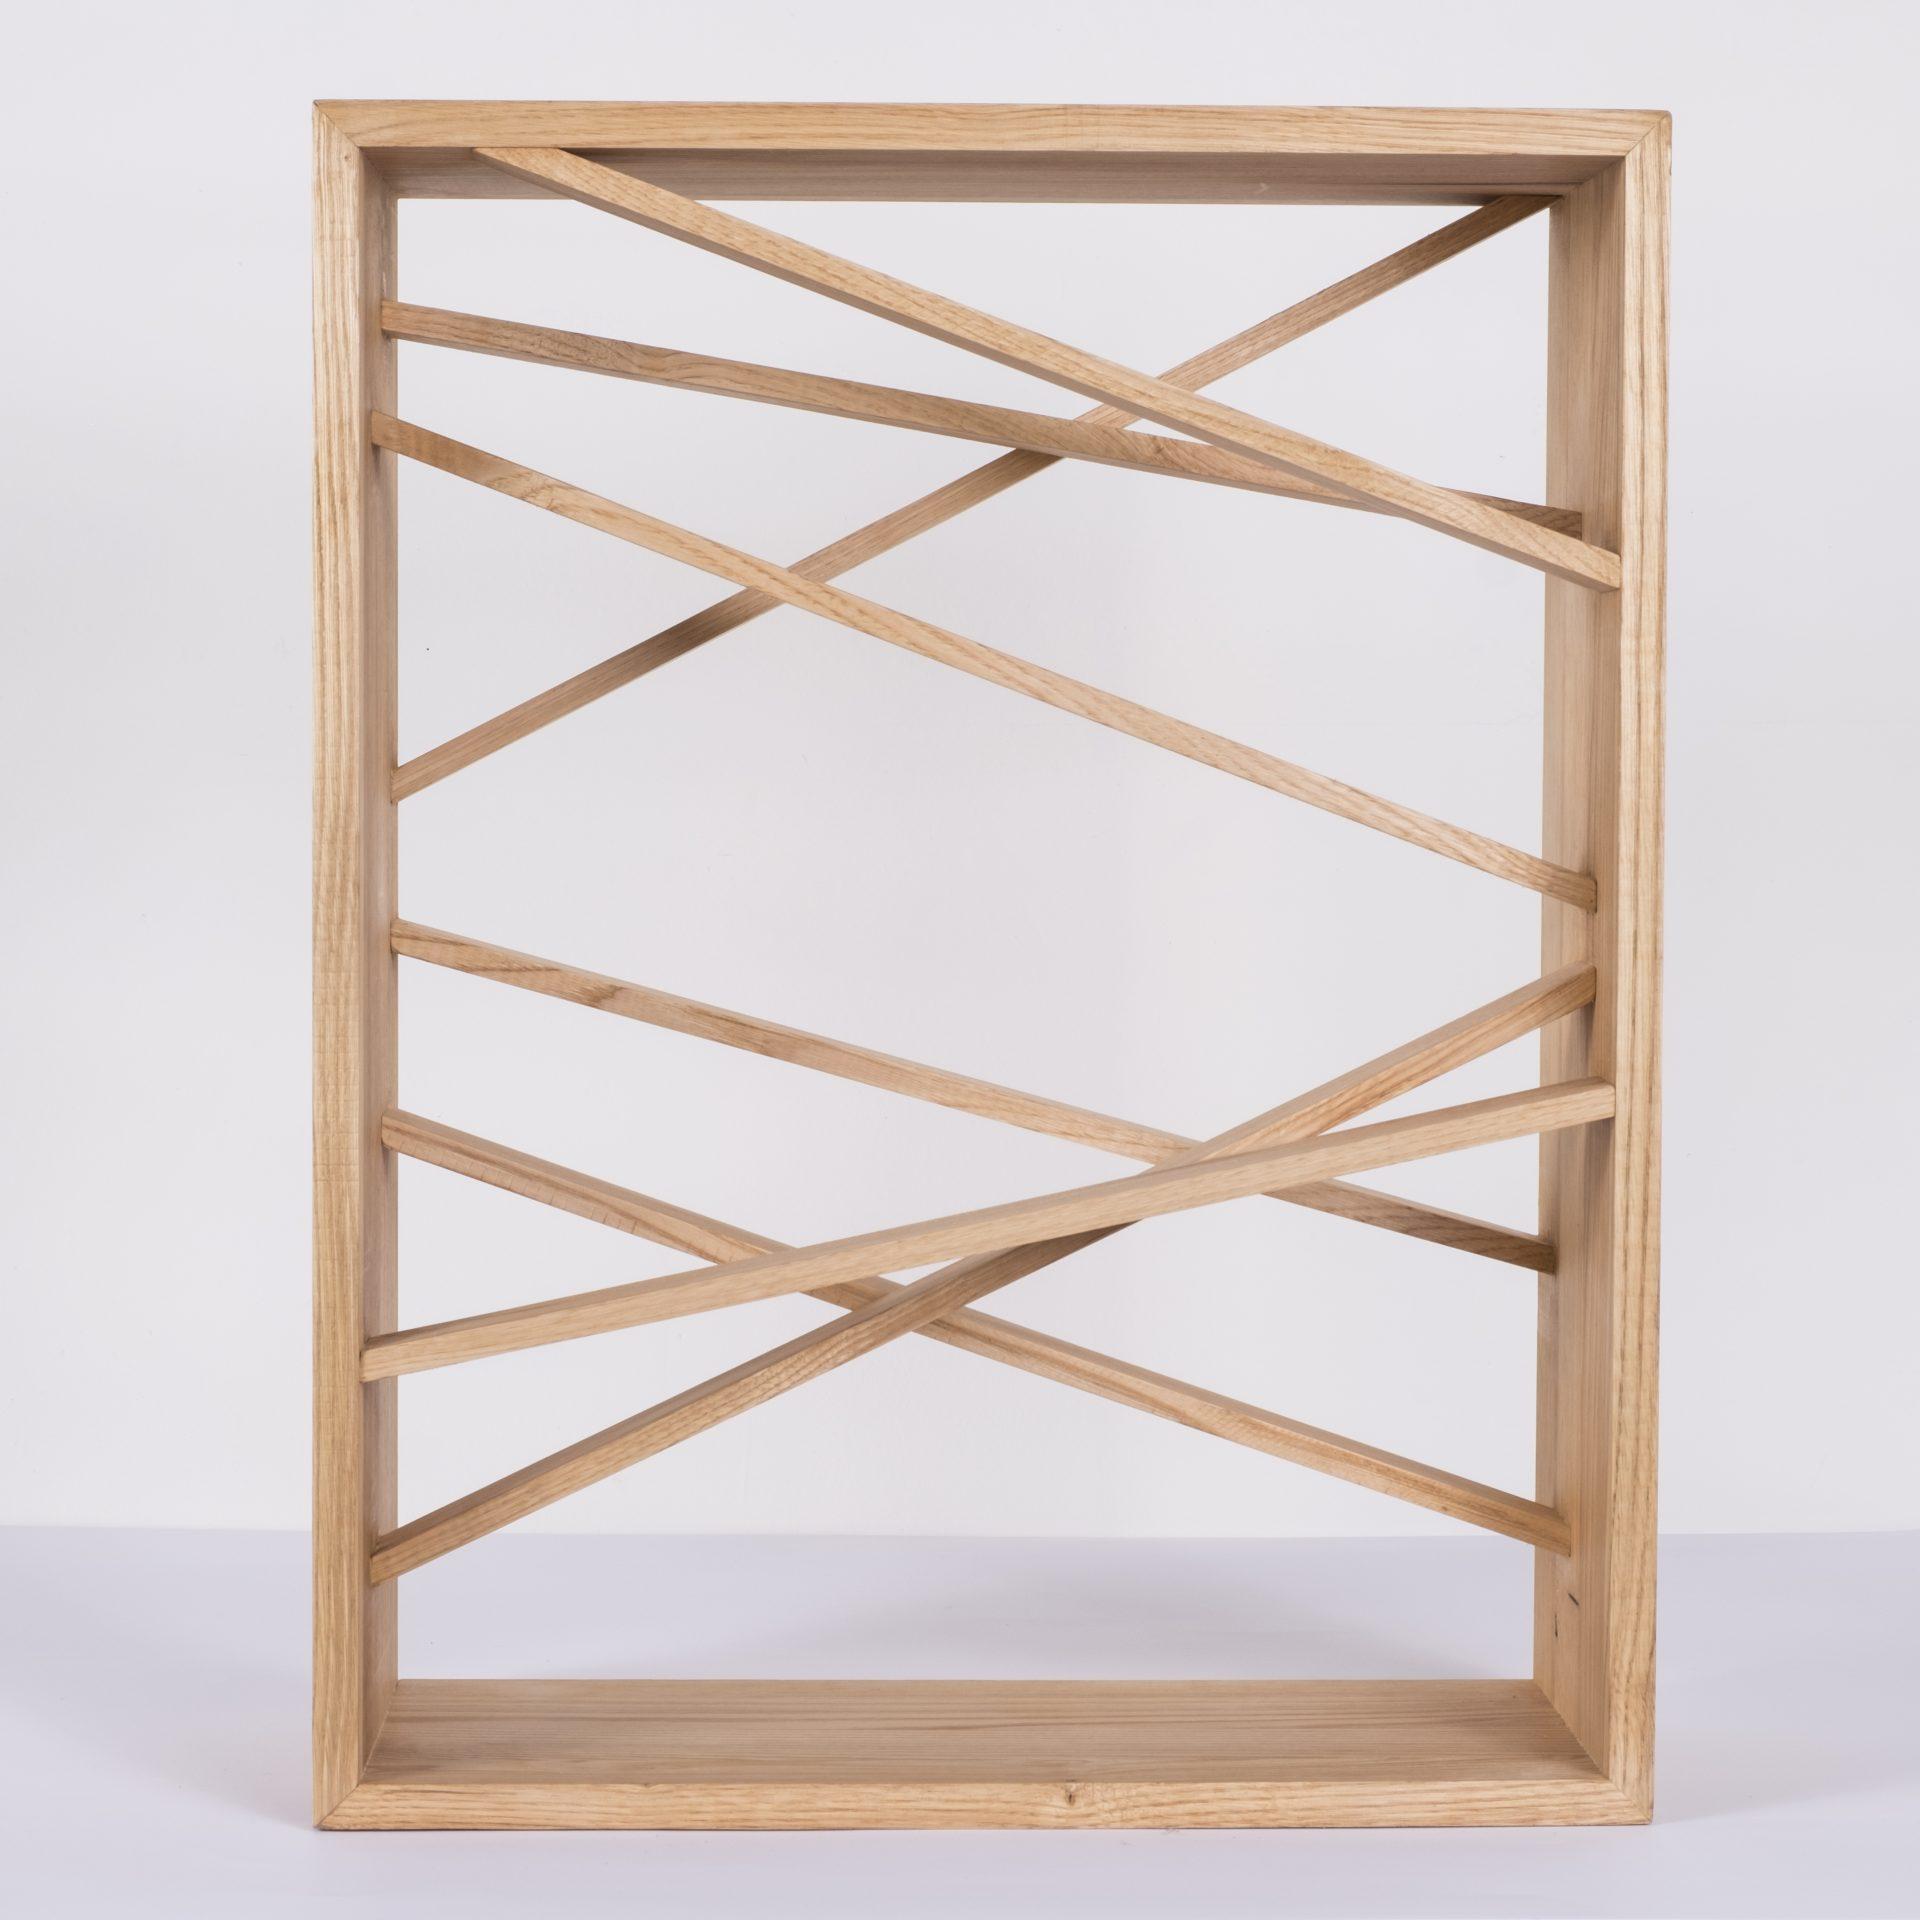 Unlimited in Dynamo<br>RMR22<br>misure: circa 44 x 56 cm<br>tecnica: legno castagno <br>anno: 2018<br>